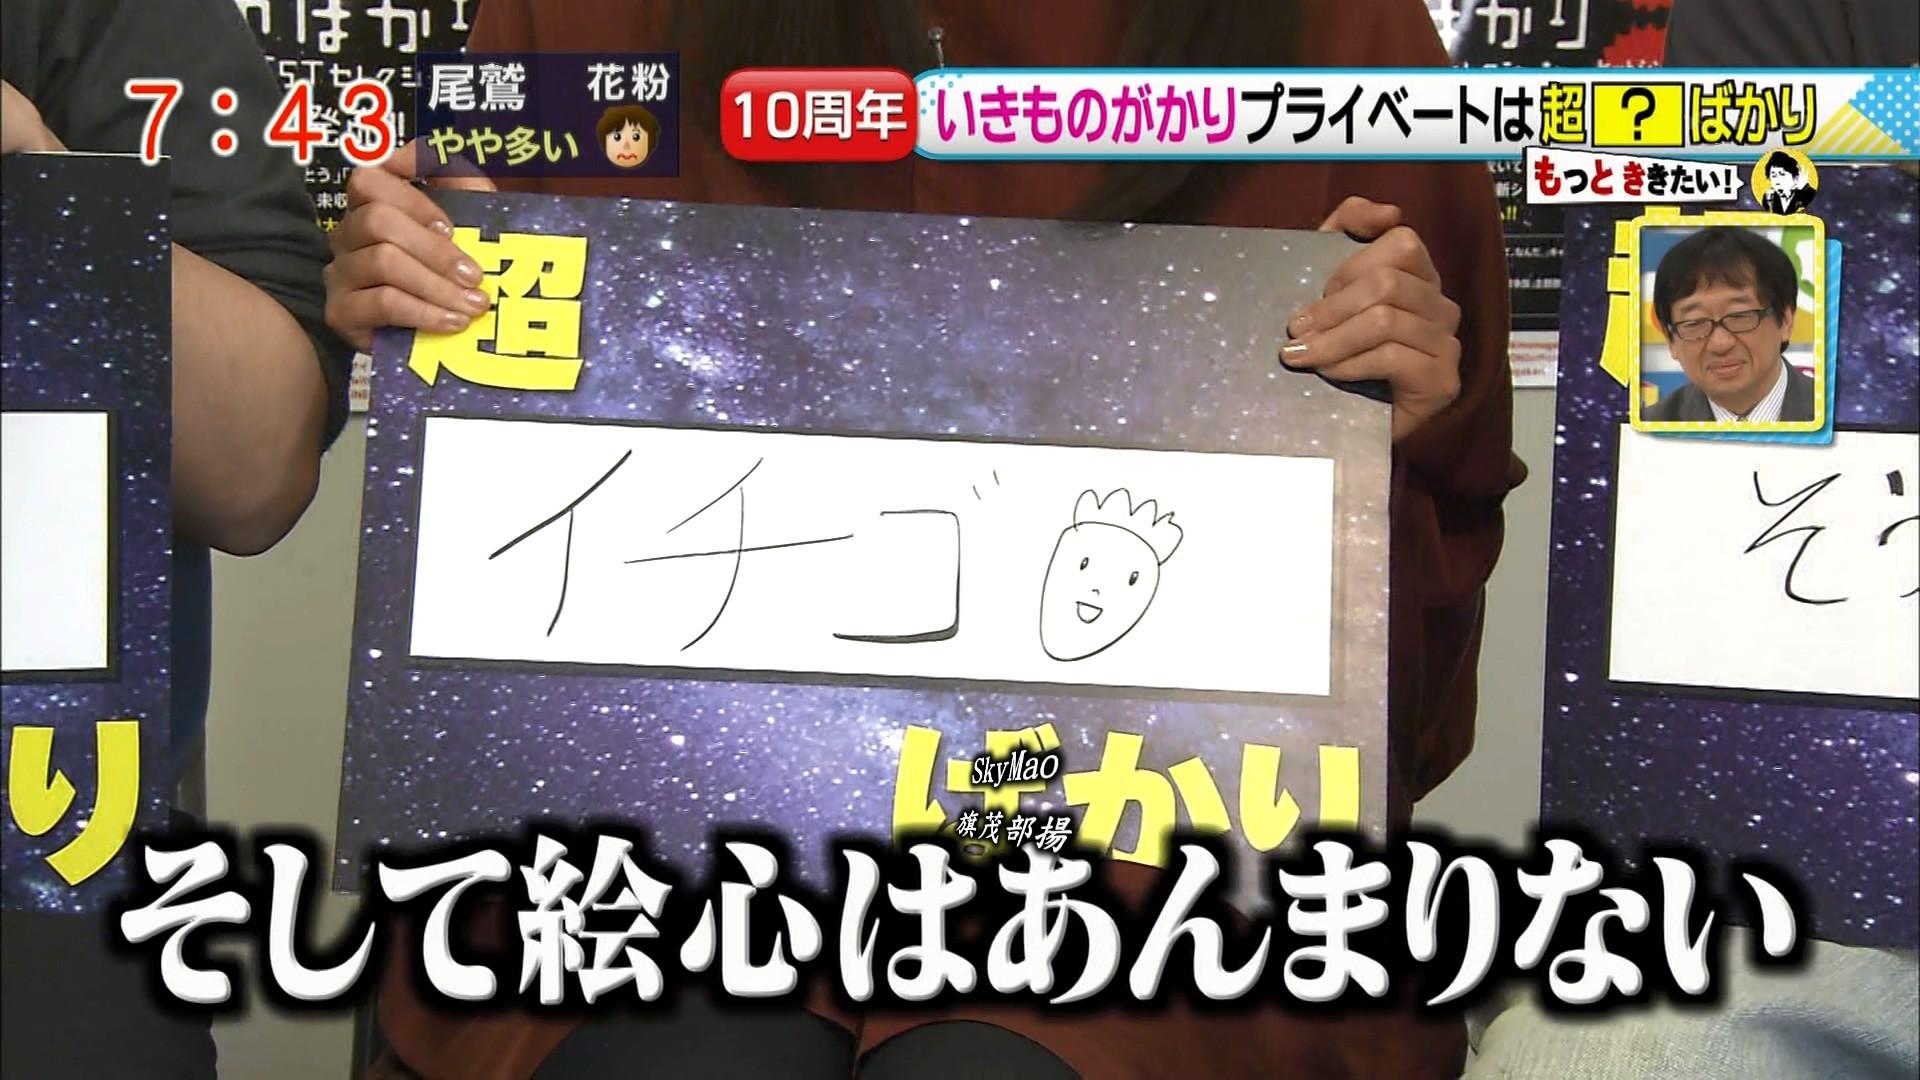 2016.03.28 いきものがかり(ドデスカ!).ts_20160328_141527.200